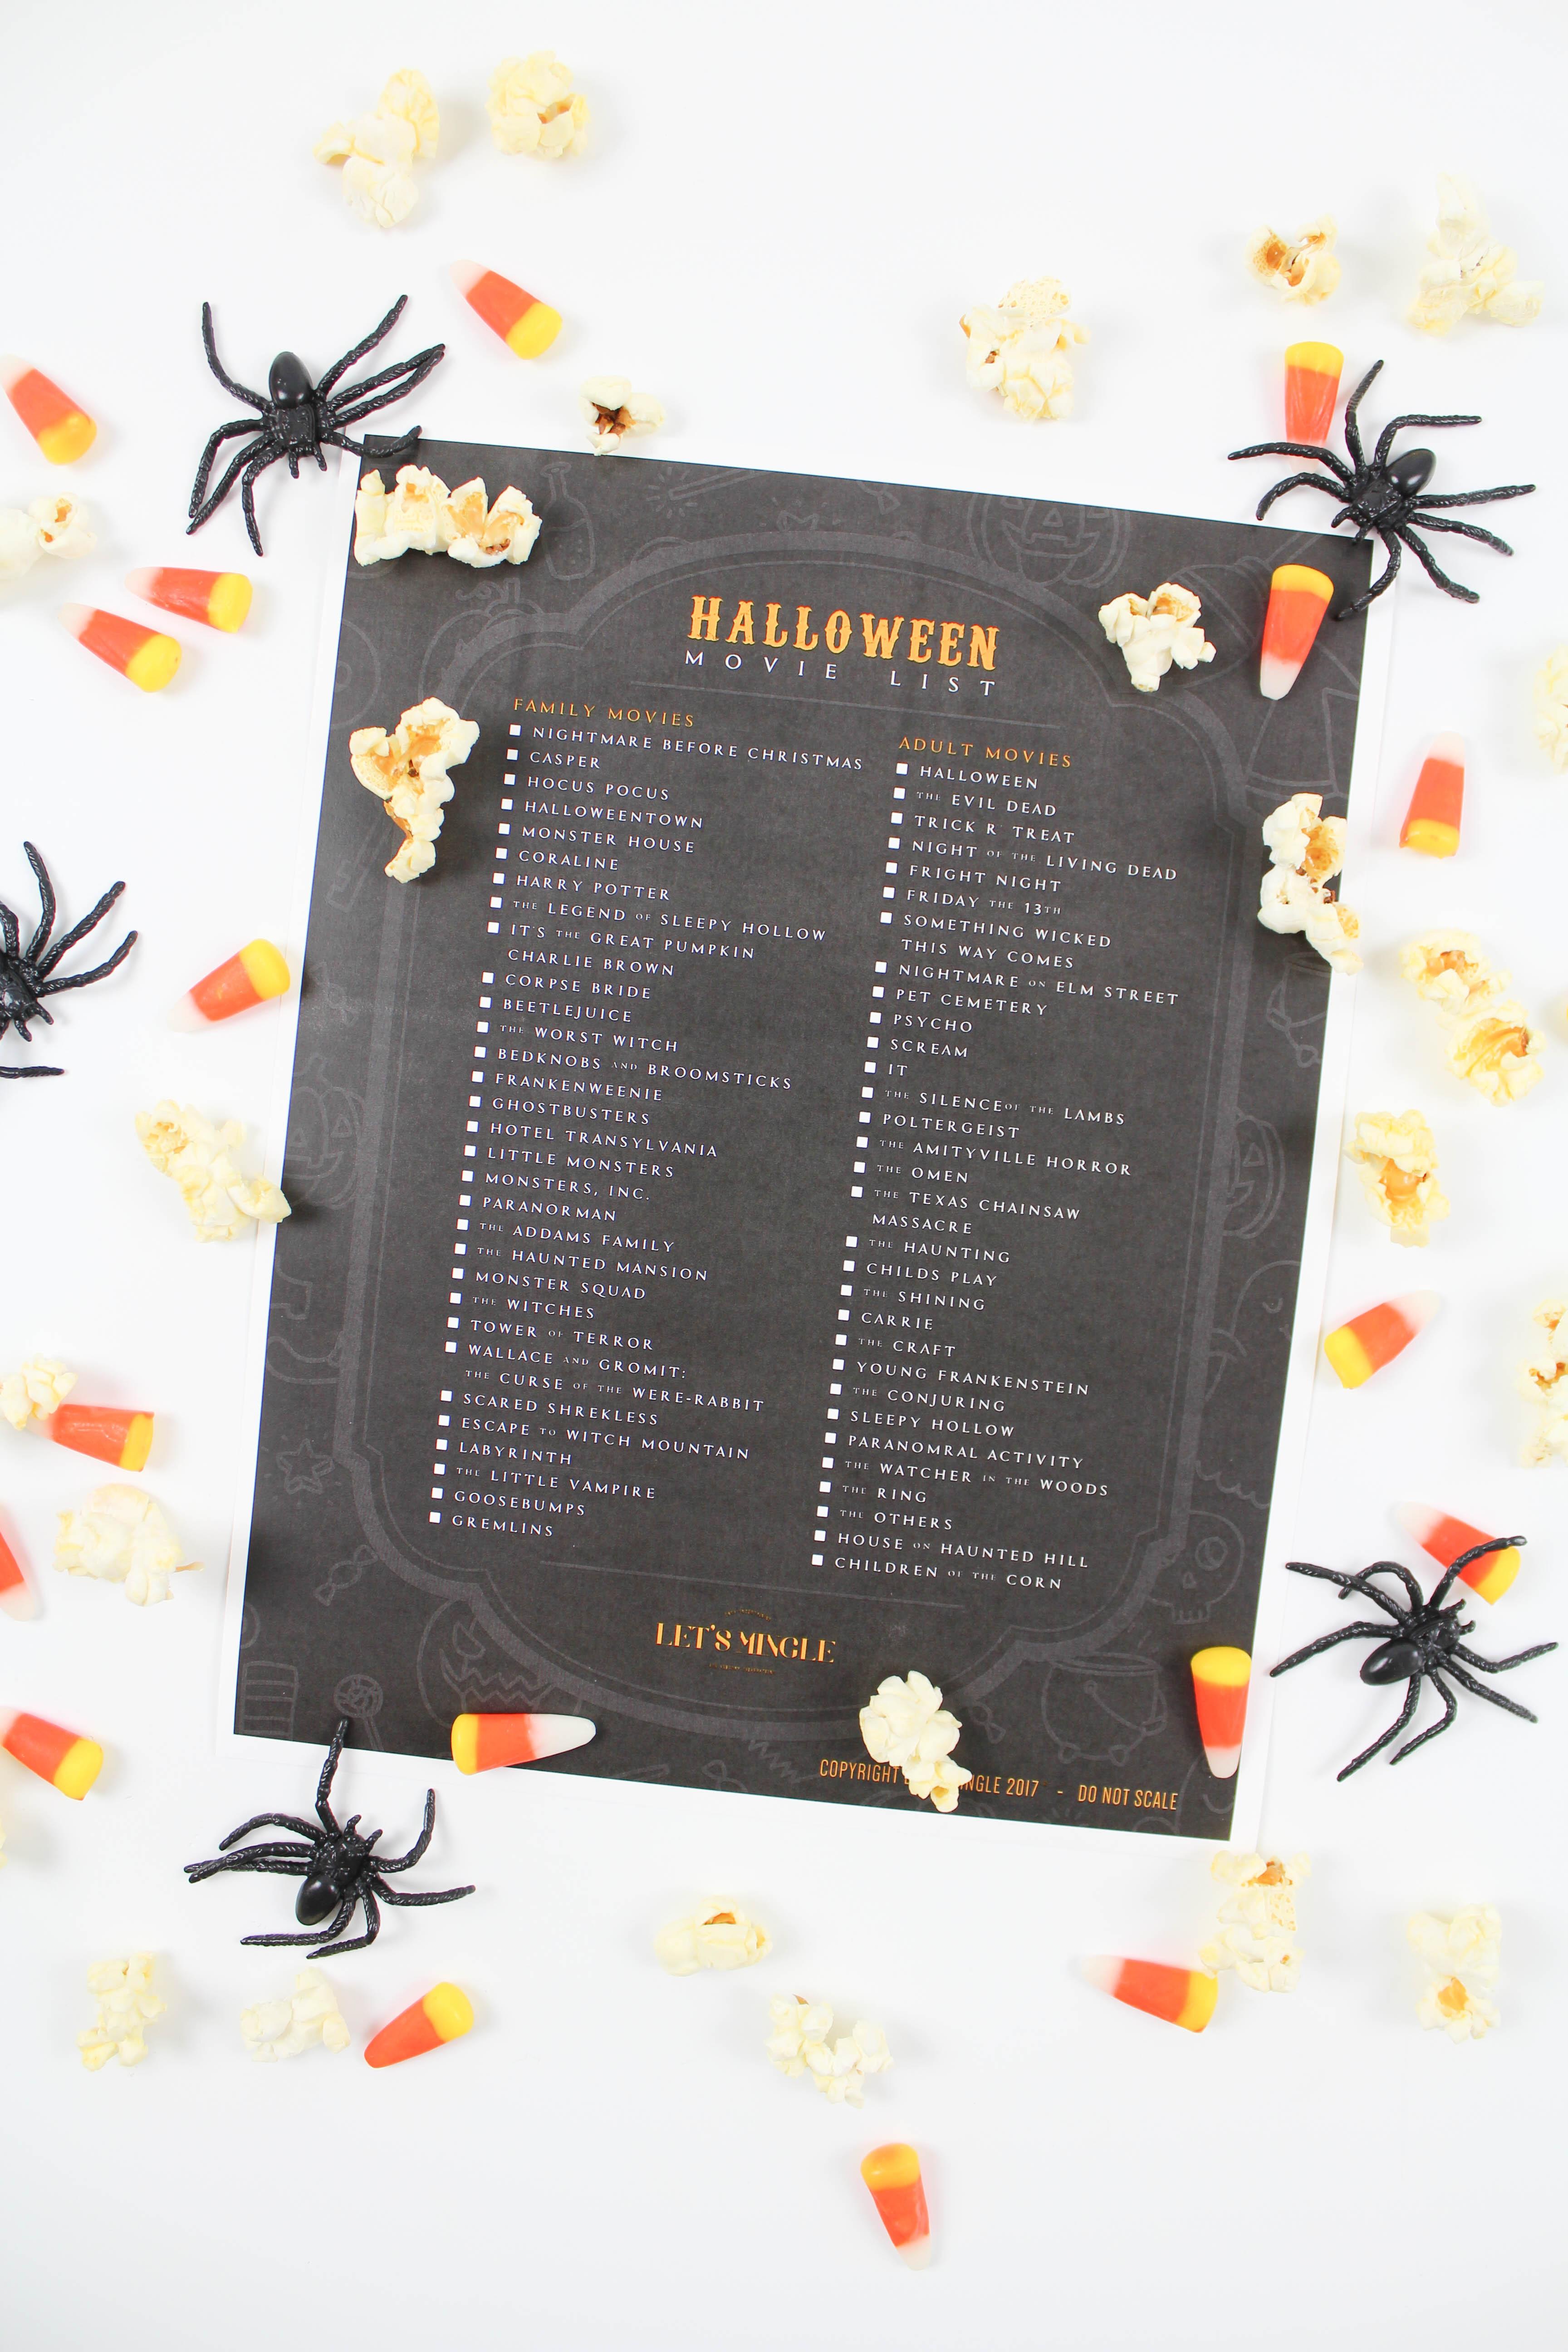 Printable Halloween Movie List - Let's Mingle Blog